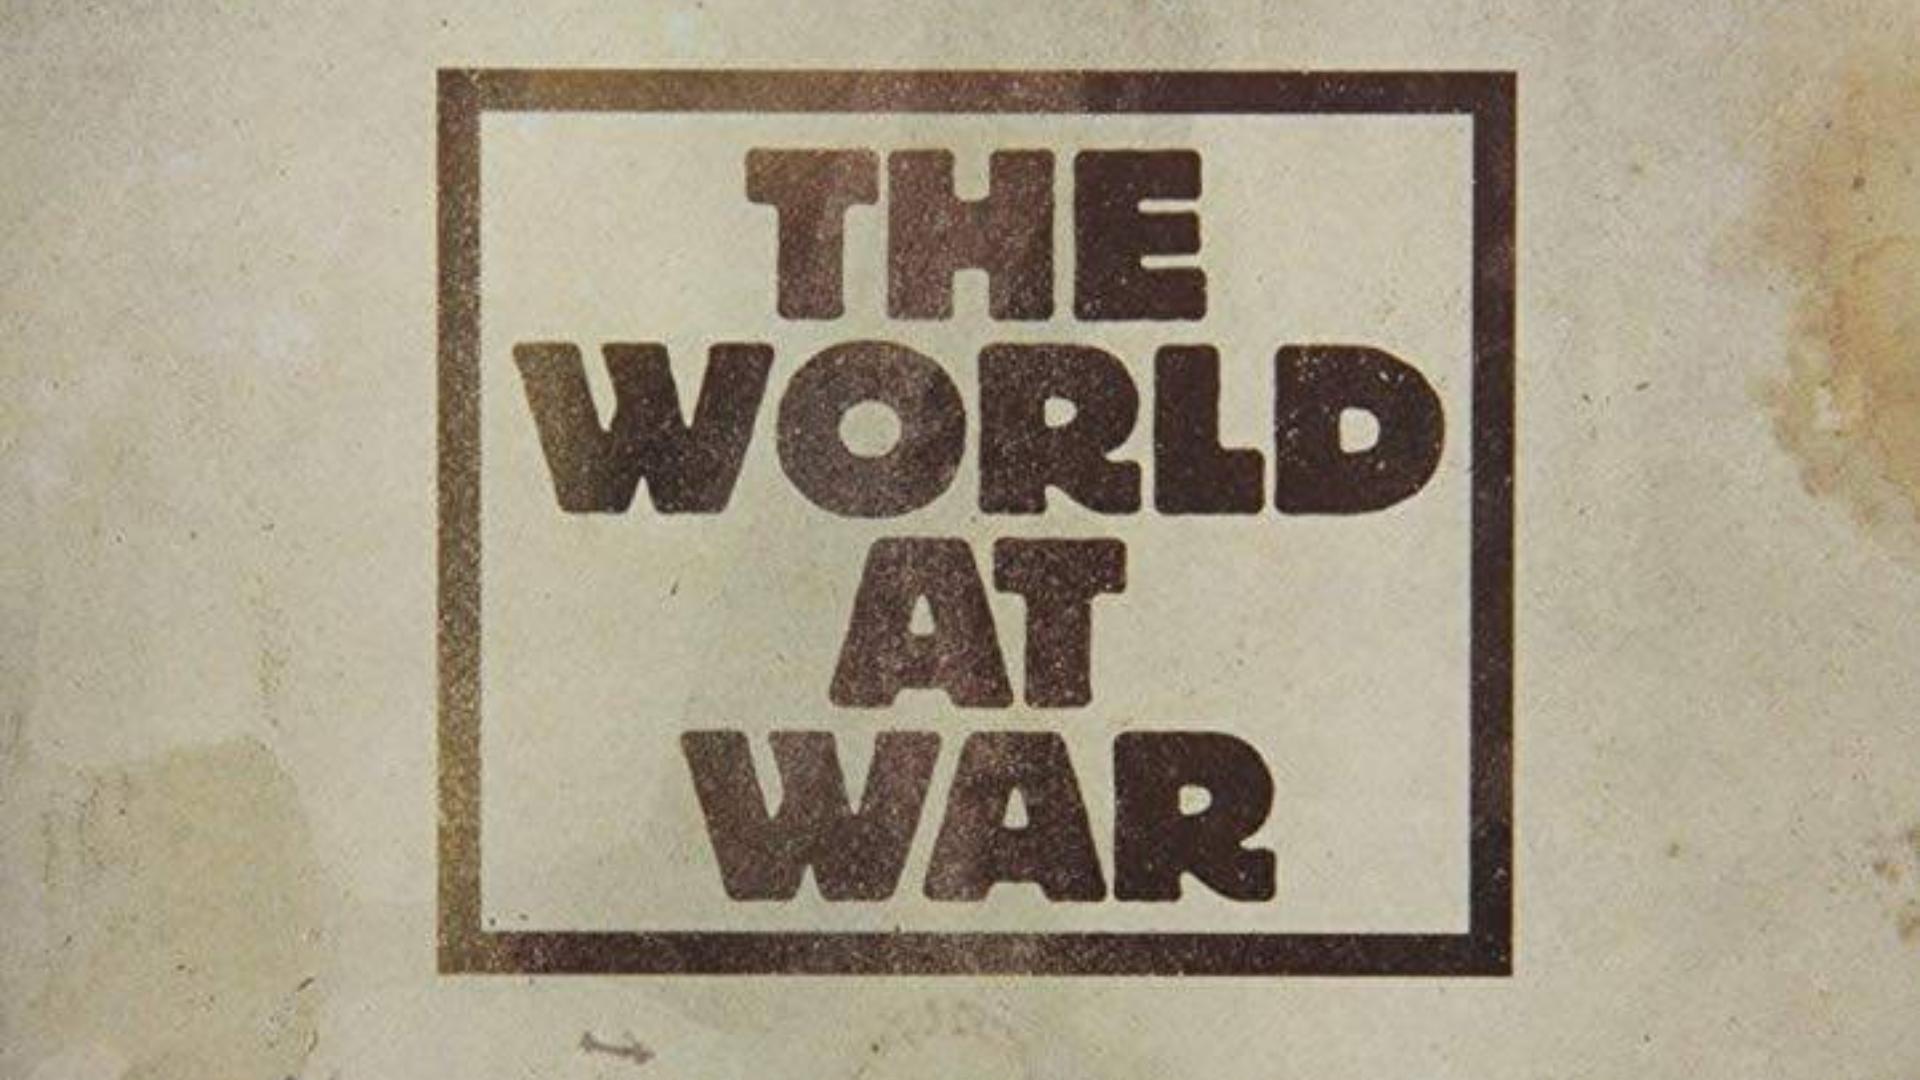 【纪录片】战争中的世界:二战全史(中字)